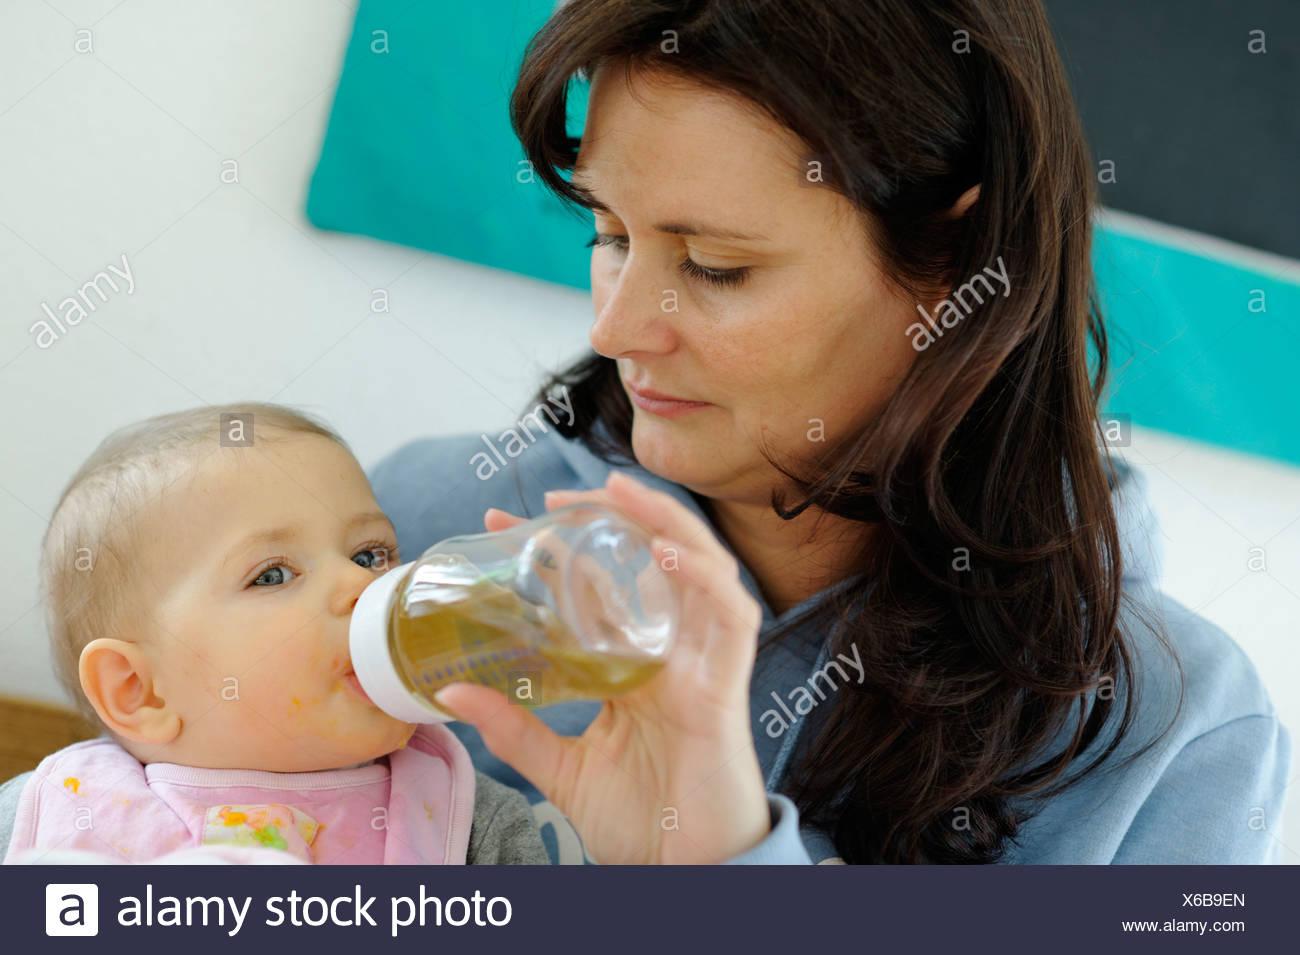 Baby, sei mesi, bere da una bottiglia tenuto da sua madre Immagini Stock